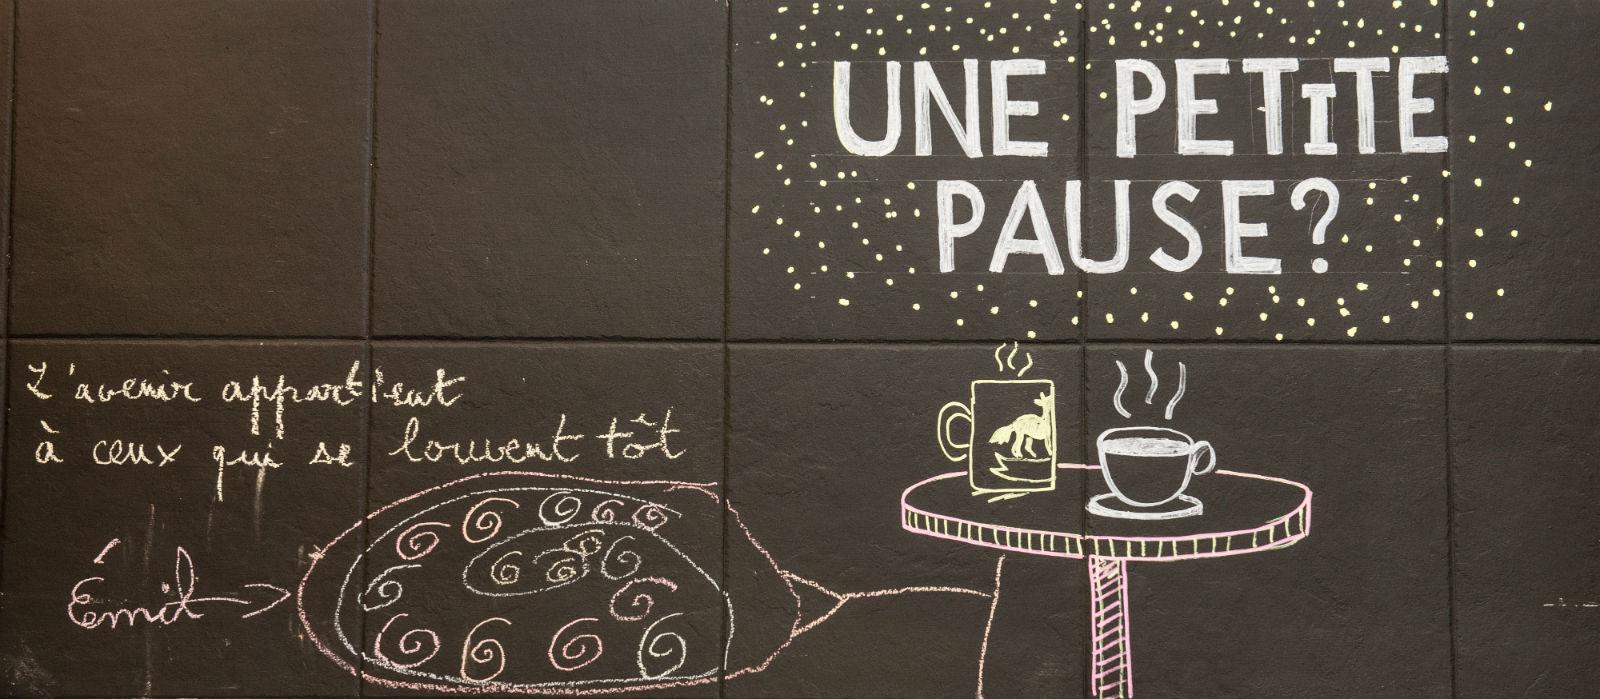 HiP Paris Blog, La Louve Coop, Palmyre Roigt